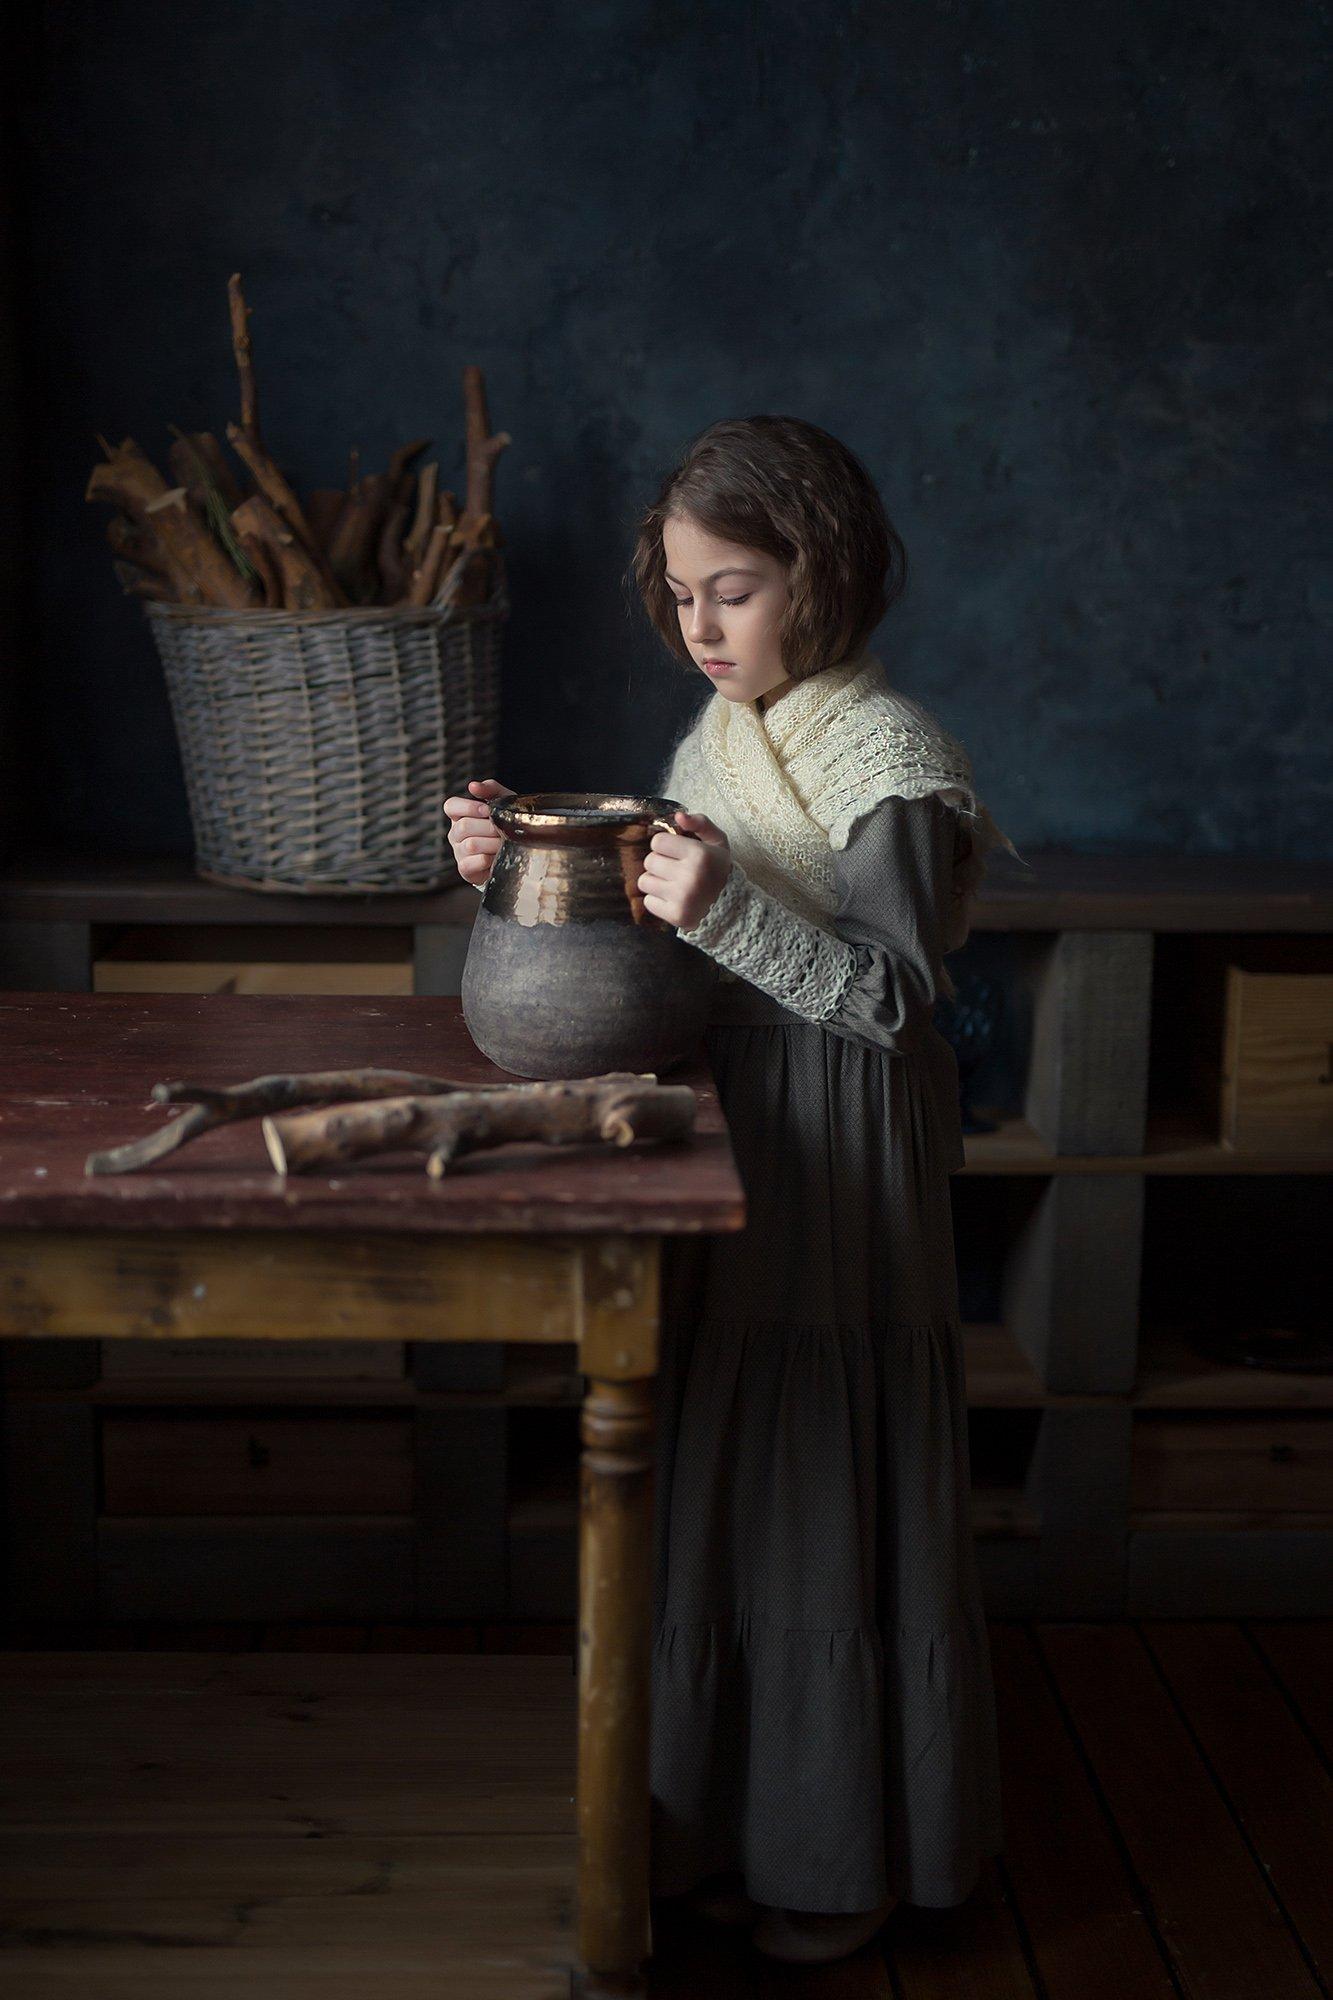 постановочная фотография, детский портрет, постановка, canon, 50mm, Русских Наталья